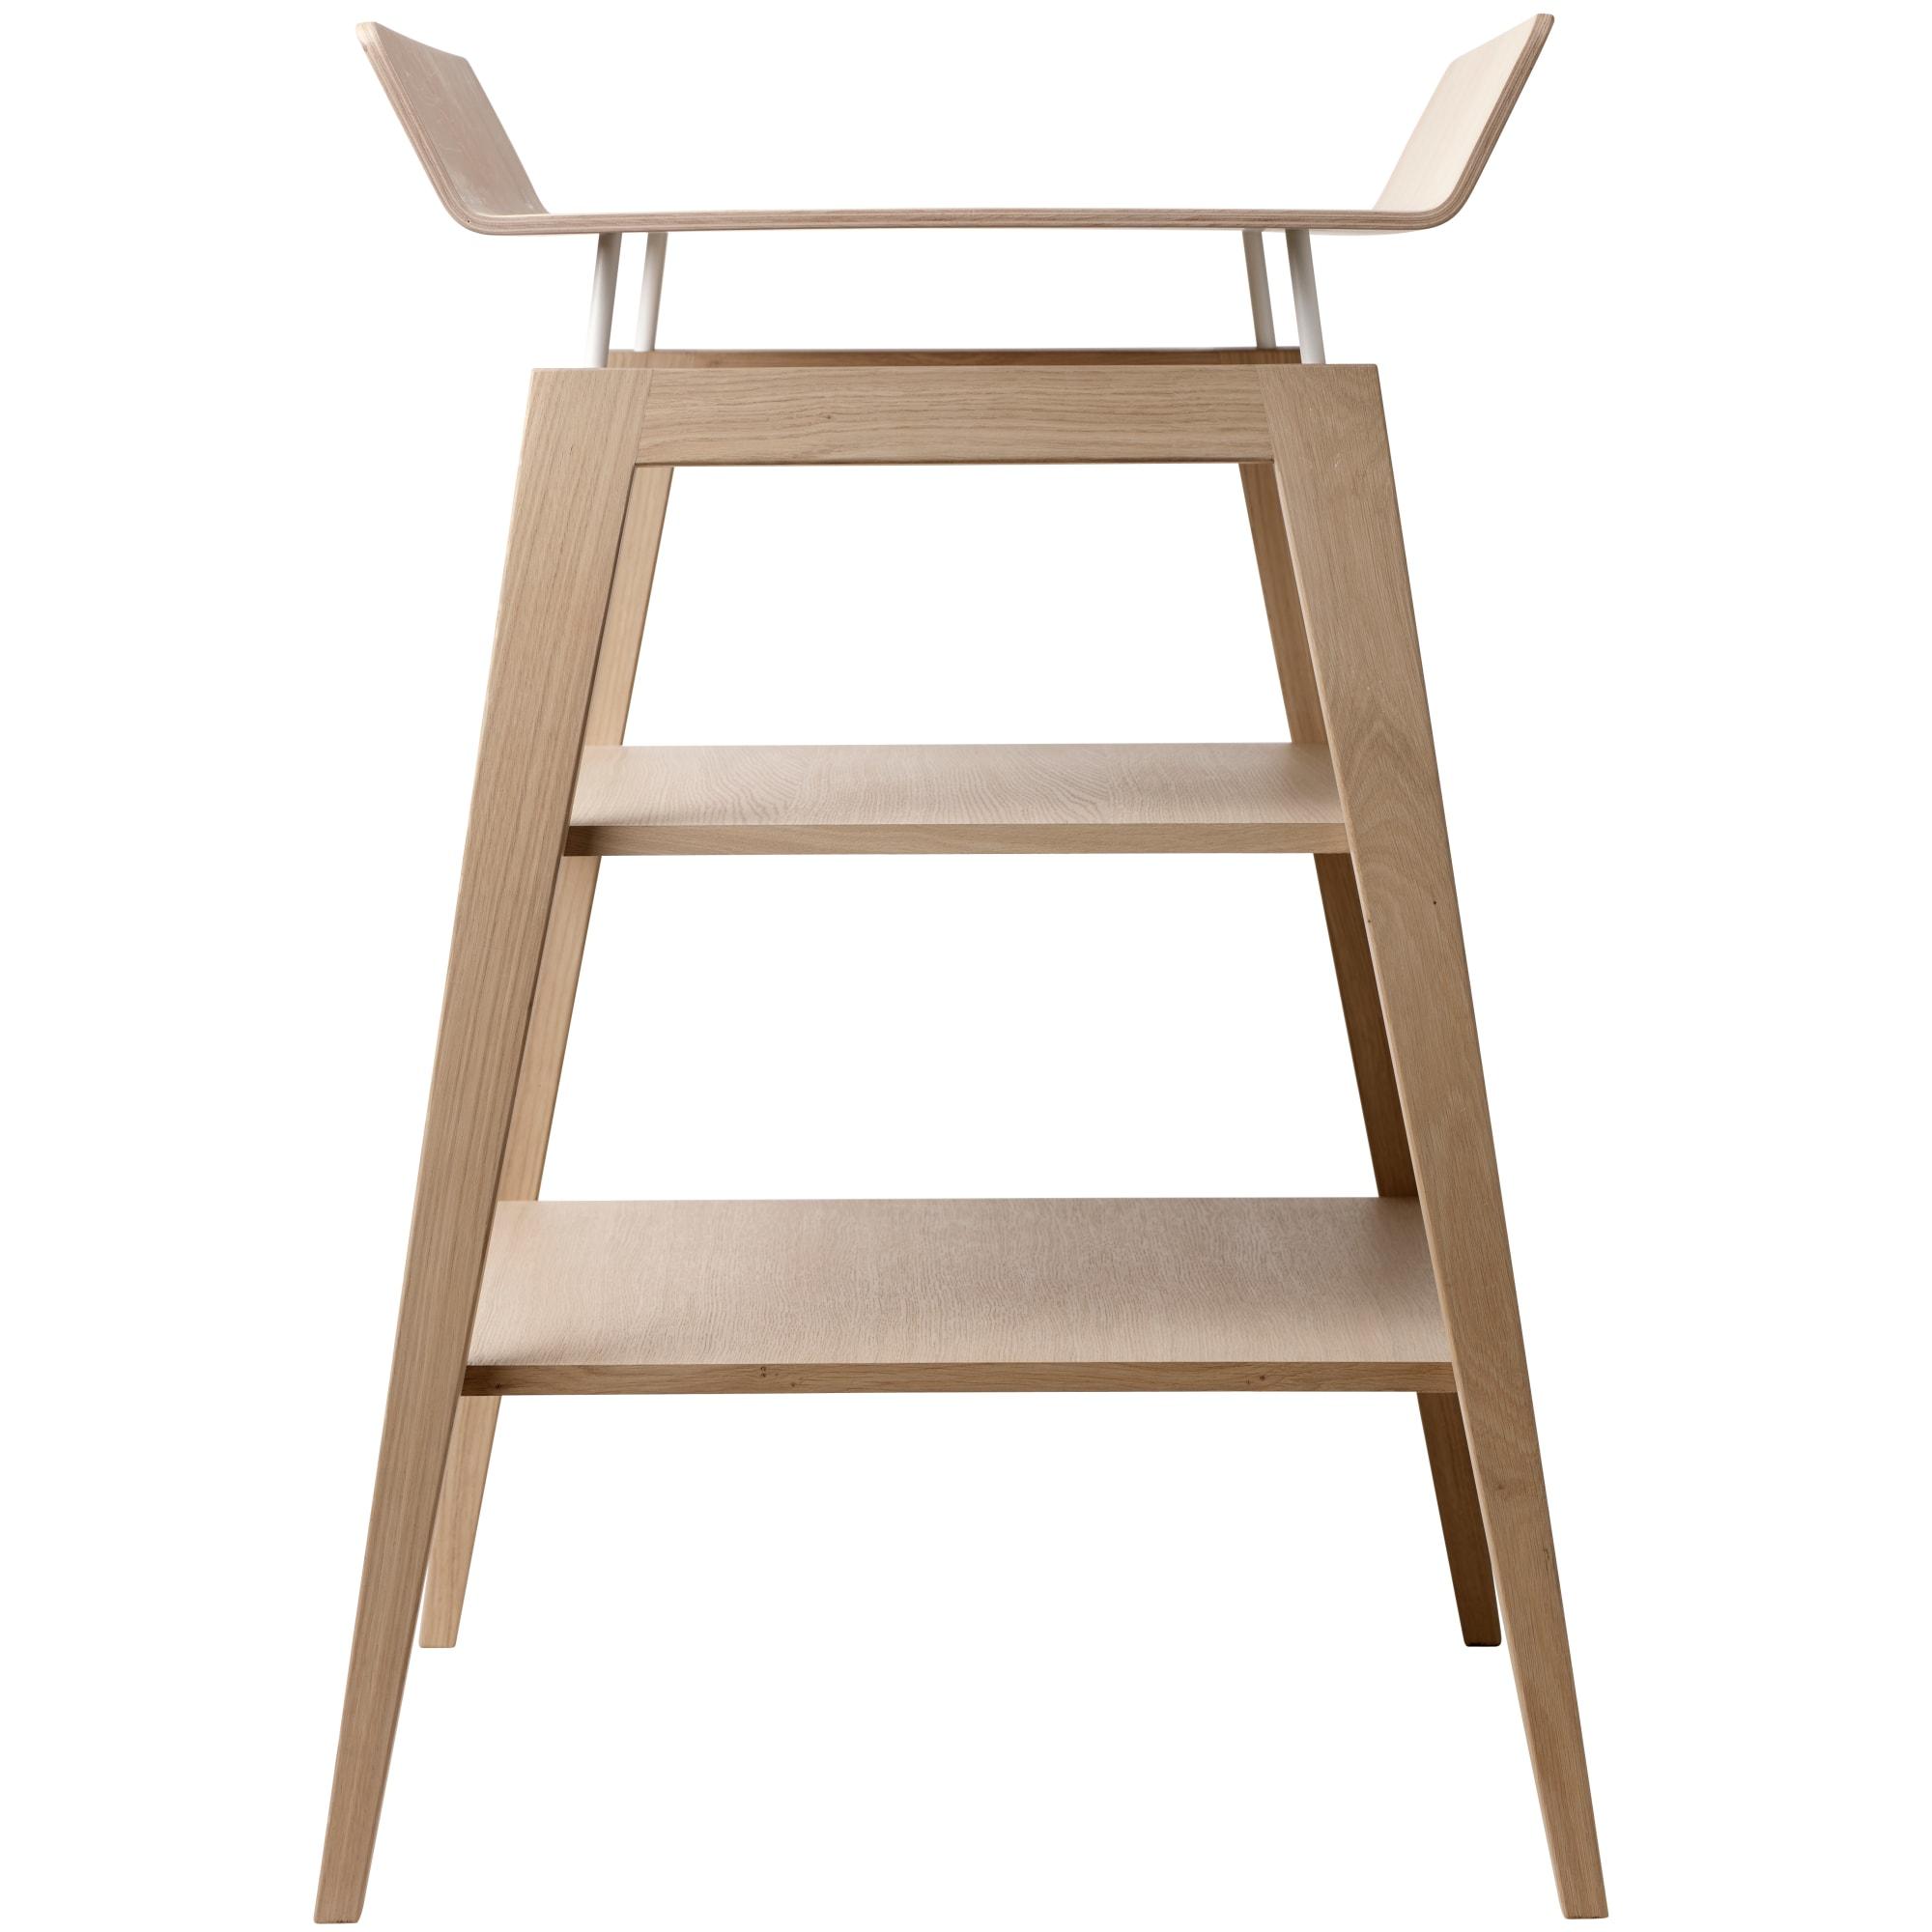 Nordisk design med højdejustering og plads til utallige hyggestunder